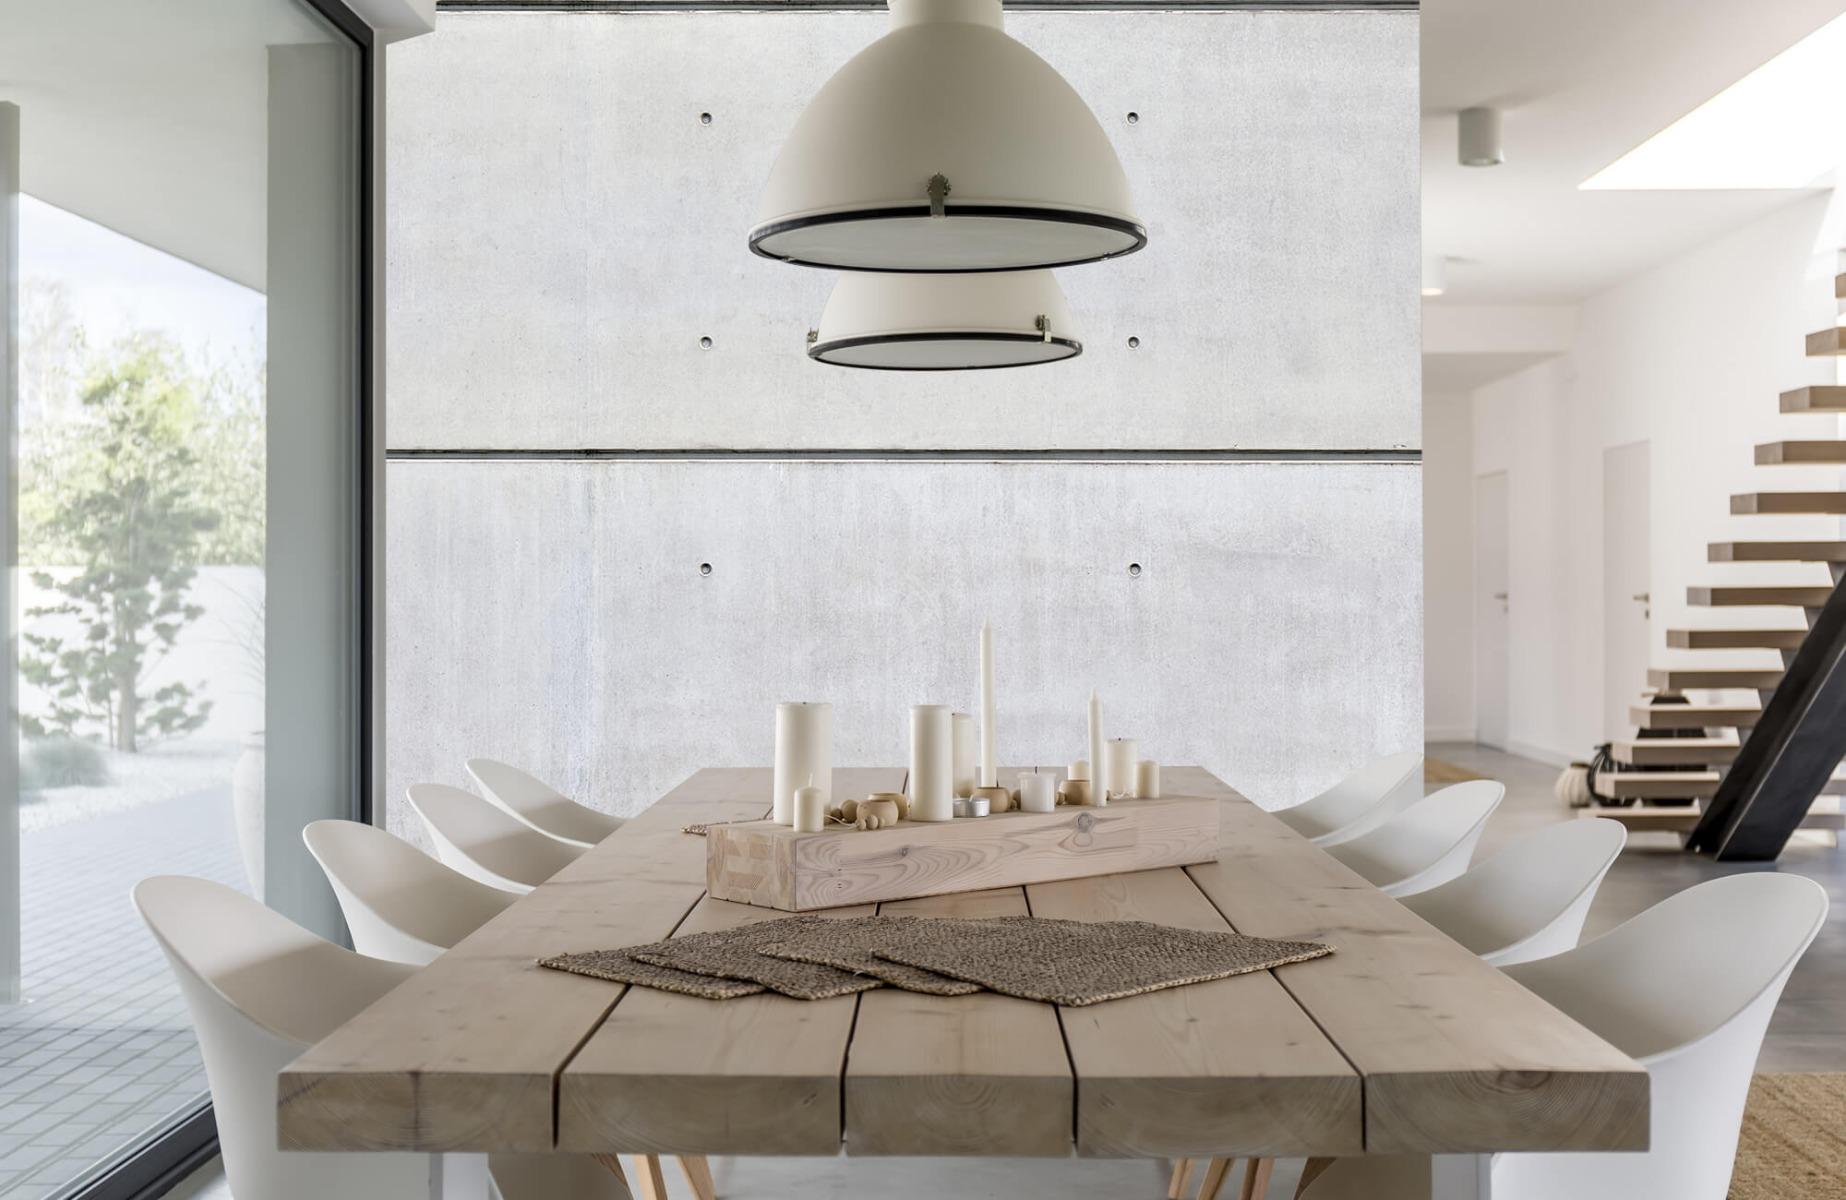 Betonlook behang - Horizontaal beton - Wallexclusive - Vergaderruimte 2